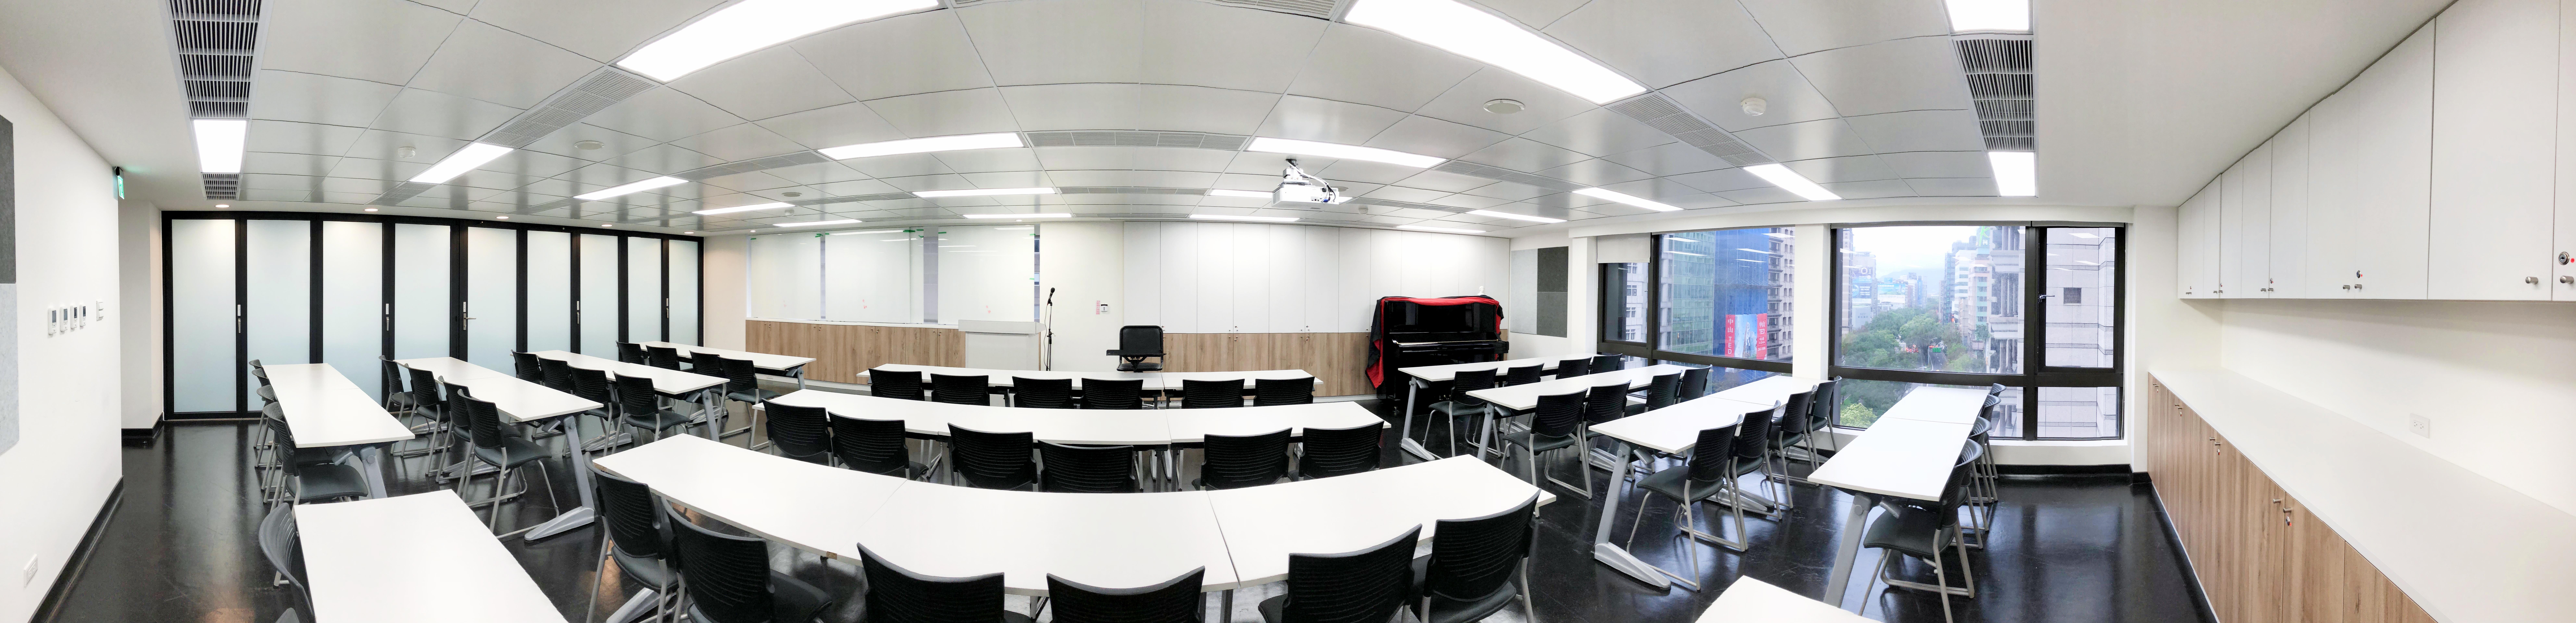 八樓803教室(56人)可與804教室合併